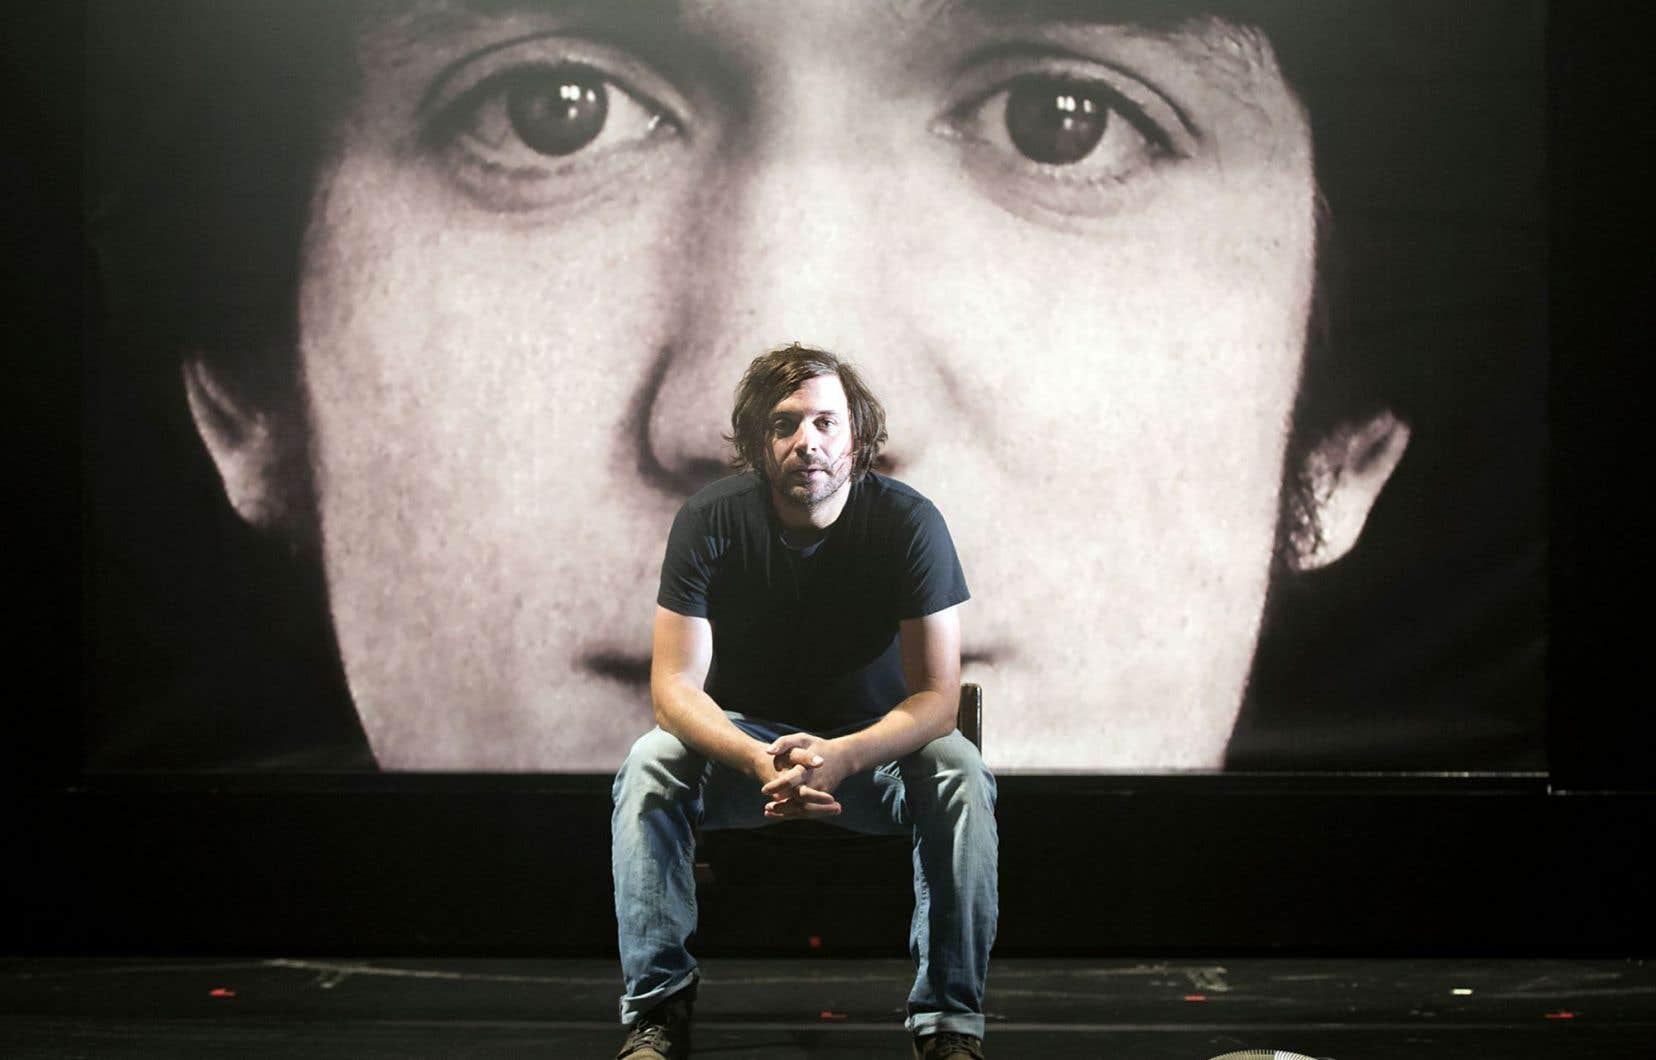 Christian Lapointe fait découvrir Yves Sauvageau, artiste mythique mais inconnu du grand public.